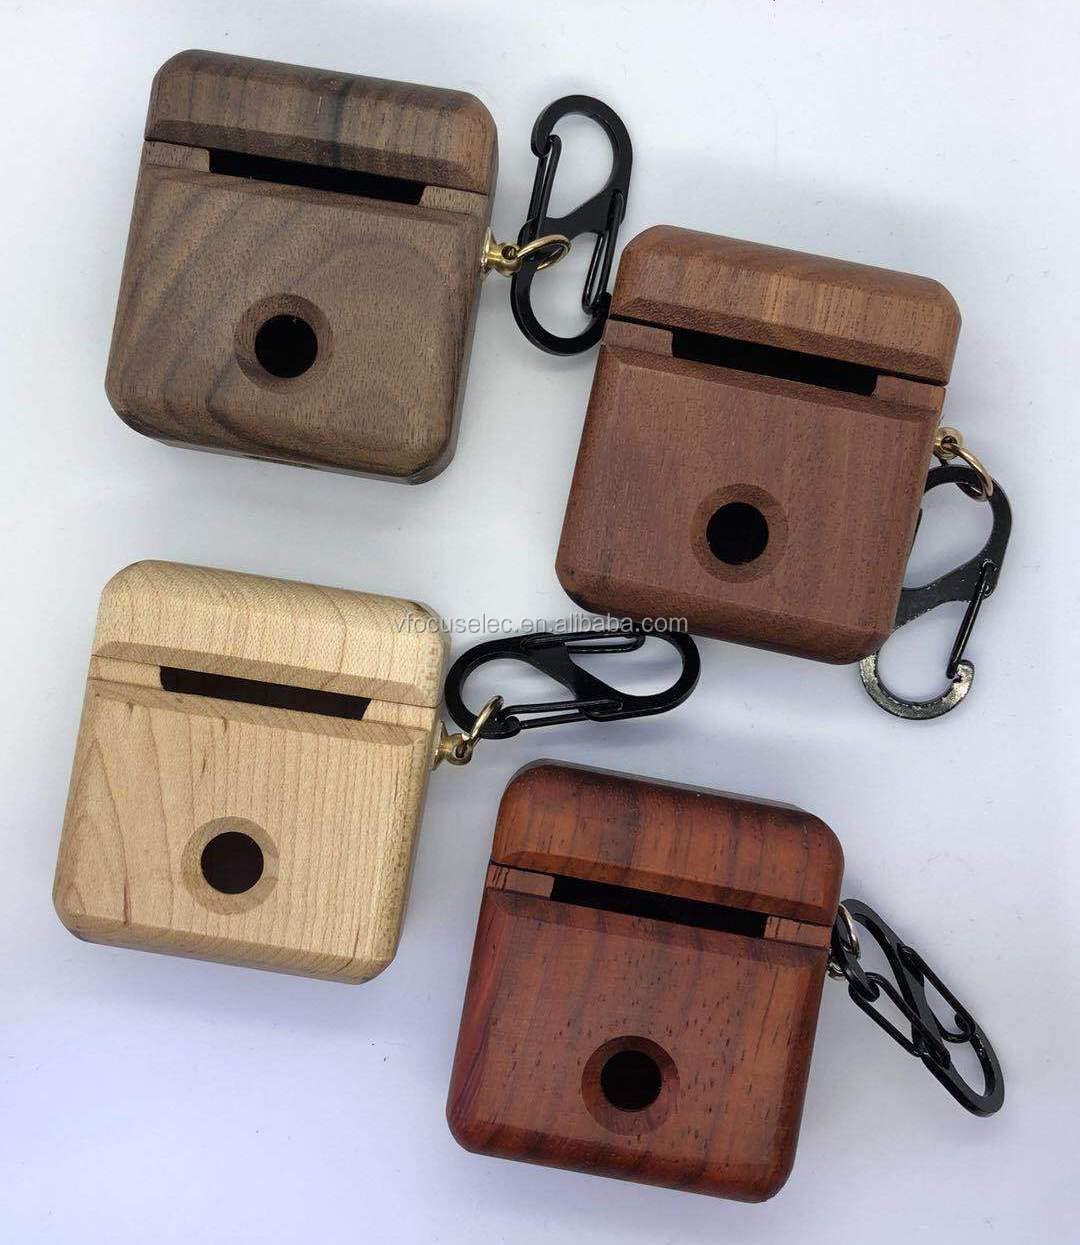 עץ אלחוטי אוזניות מקרה עבור אפל AirPods 2 עץ אוזניות מקרי